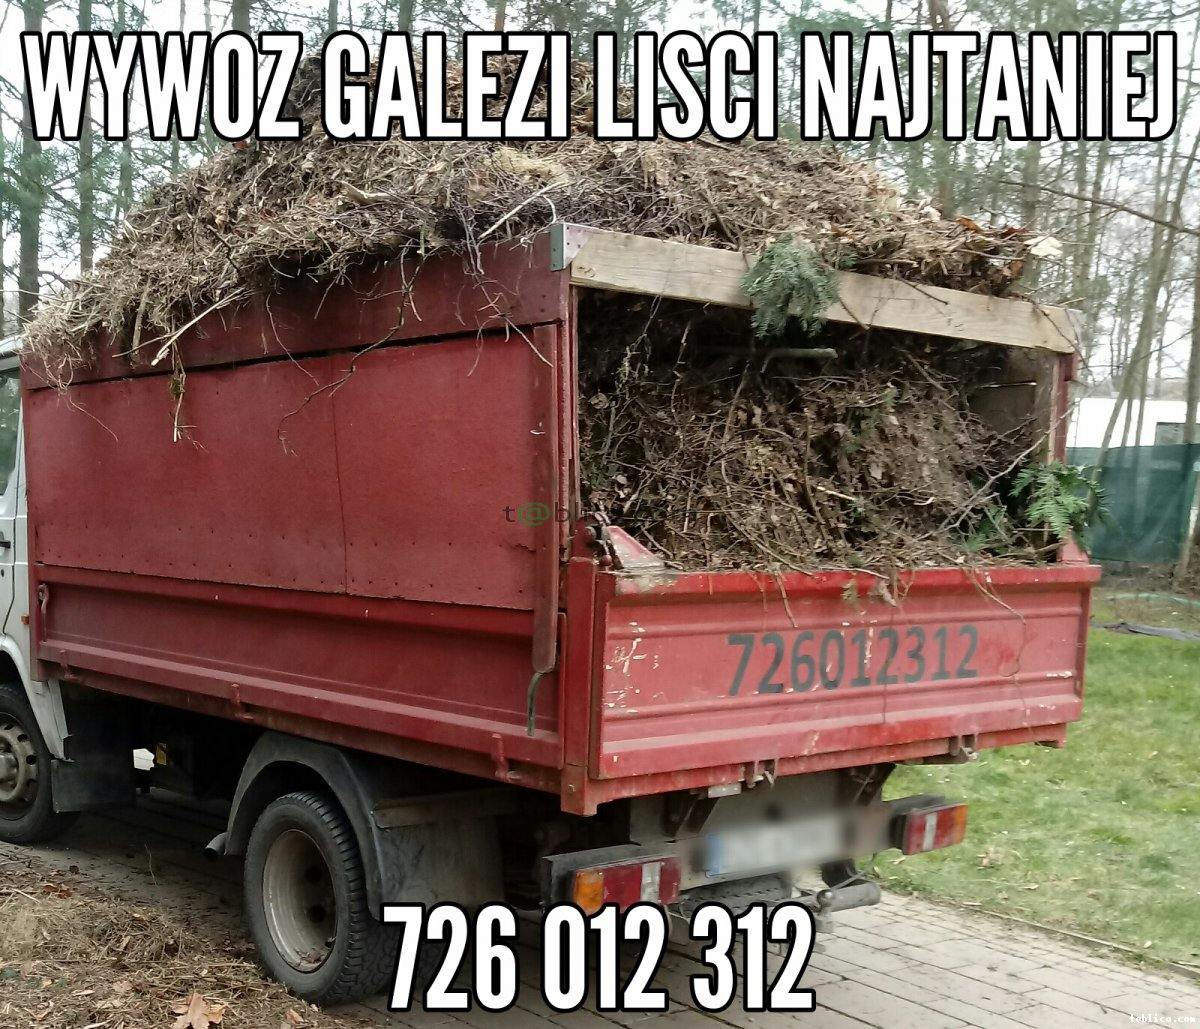 Wywoz Galezi Lisci Wywrotka Waski Wjazd Zaladunek